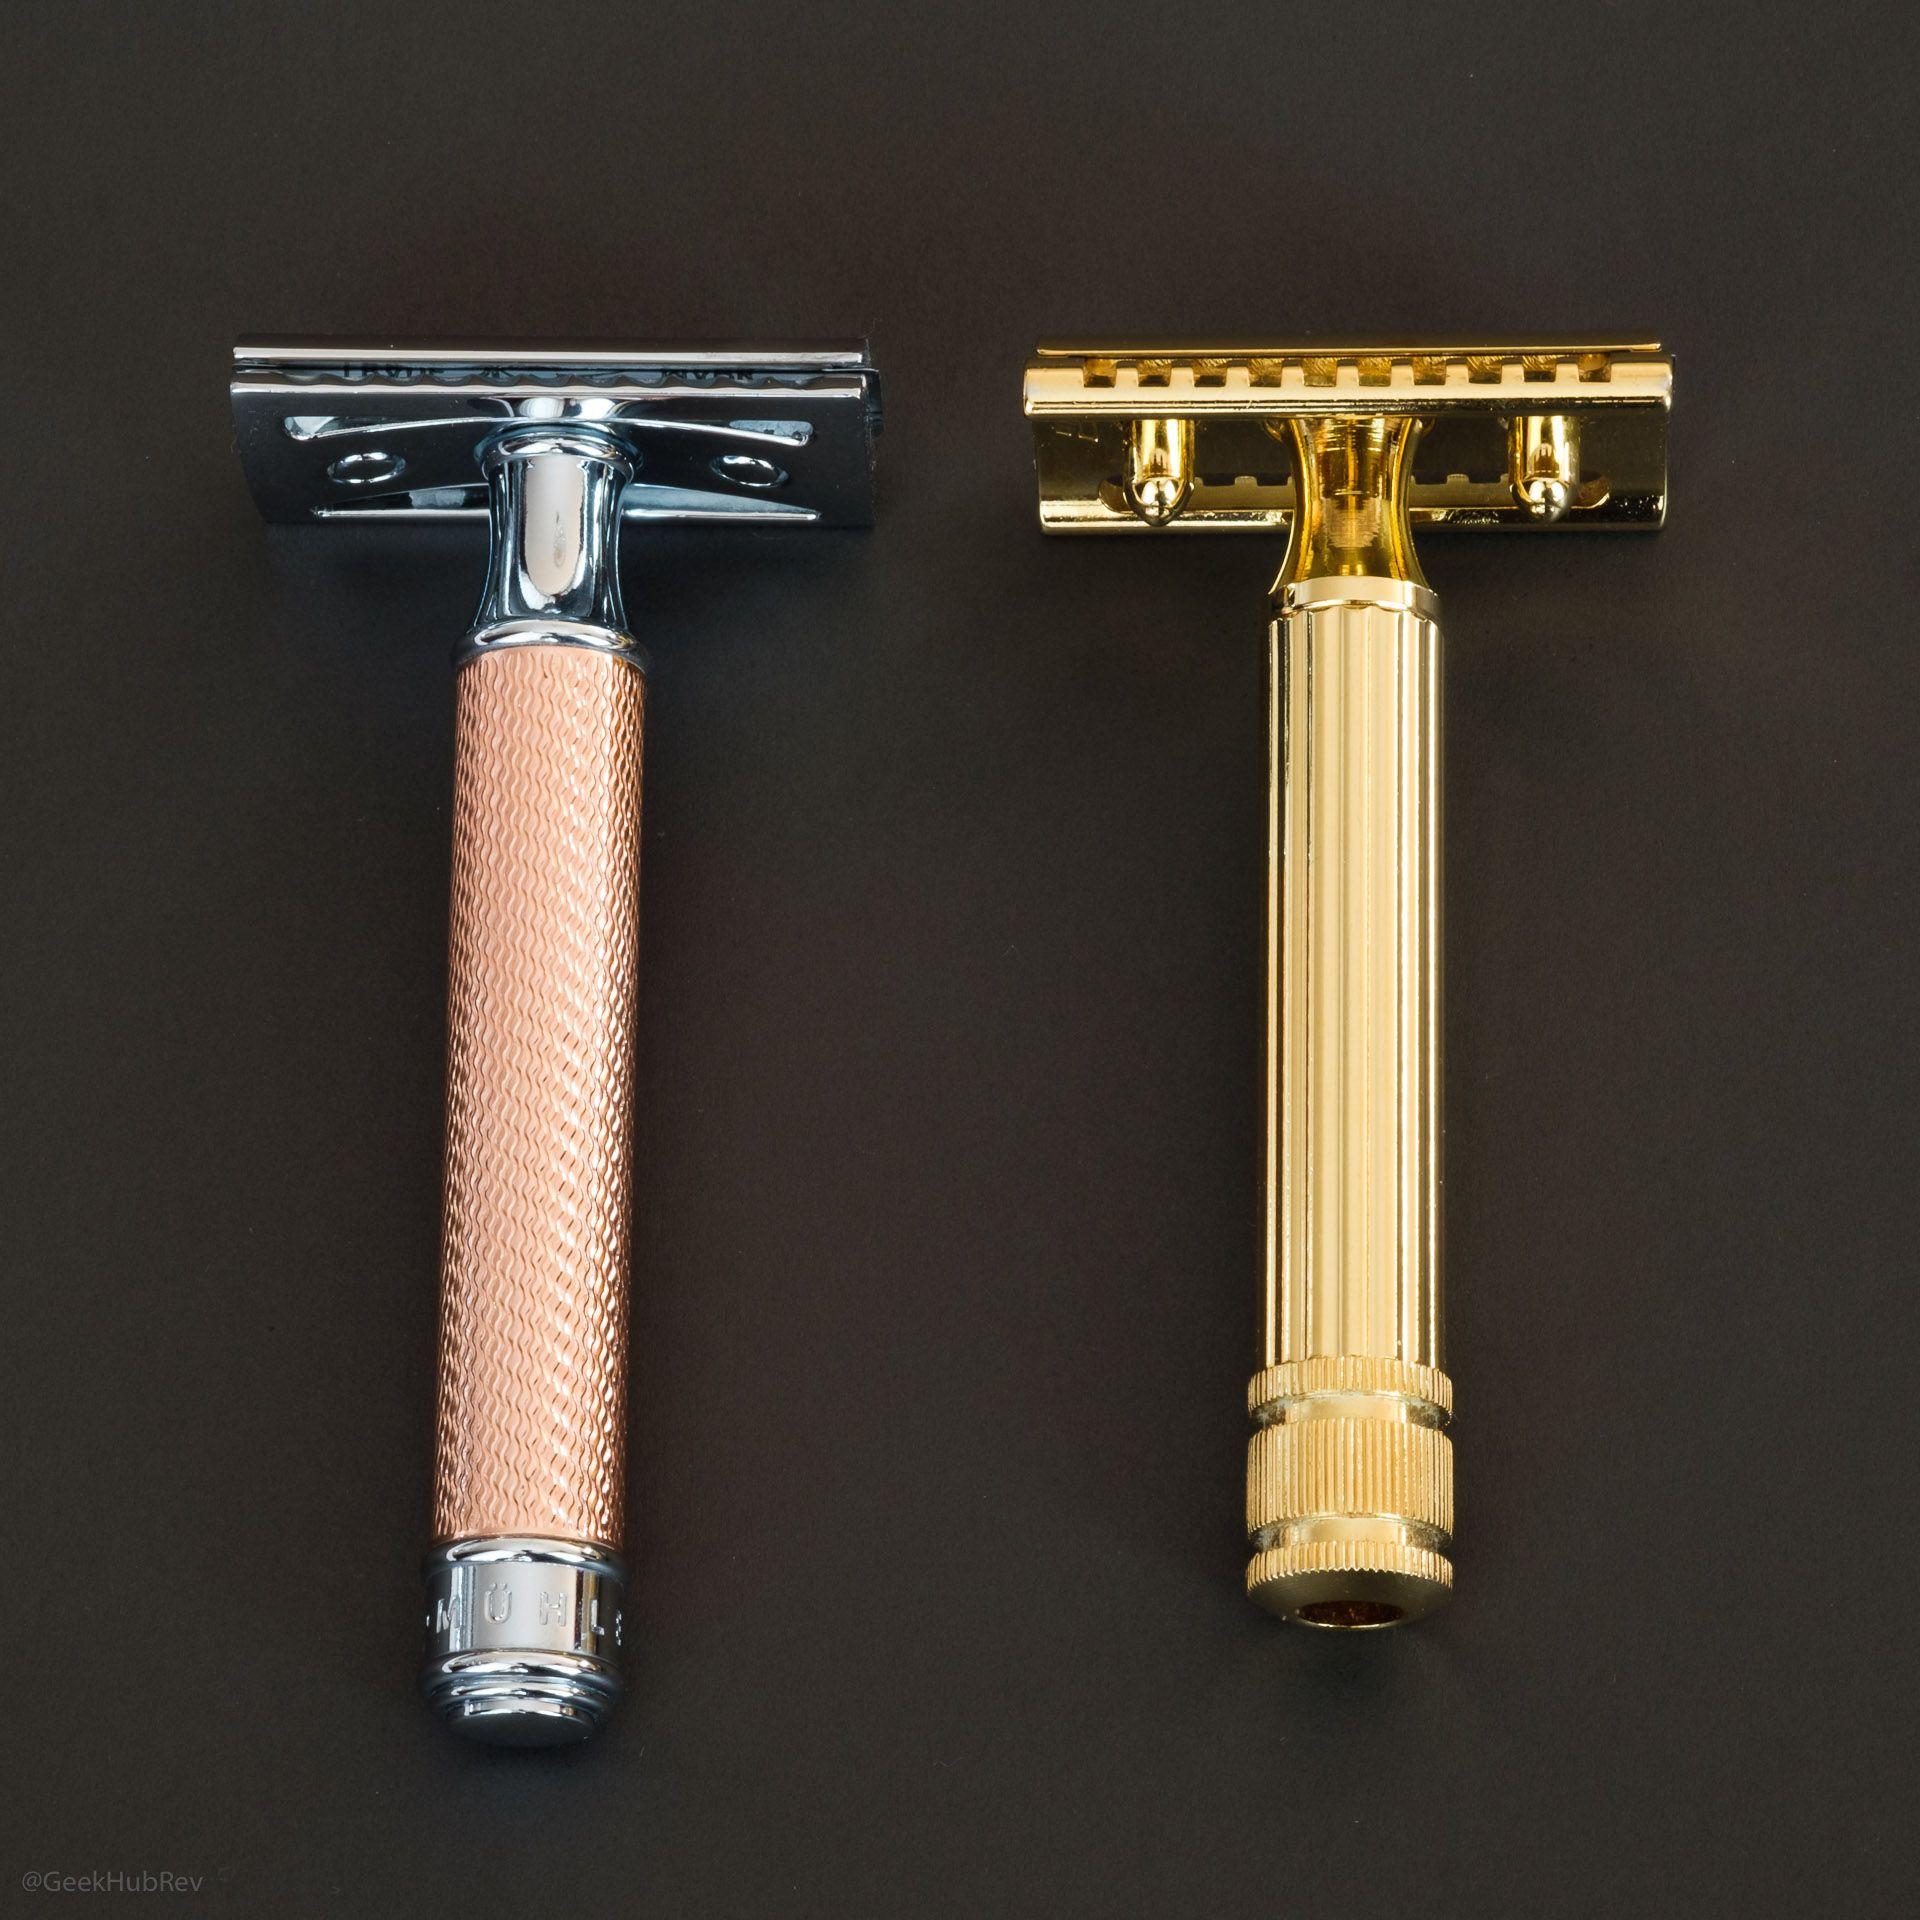 Porównanie maszynki Fatip Testina Gentile Grande Gold z Mühle R89 Rosegold